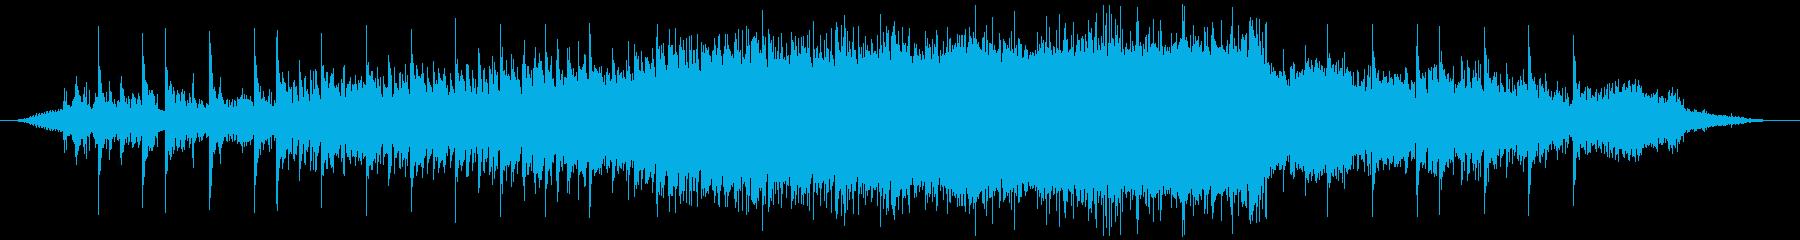 強風域とマリンバの再生済みの波形